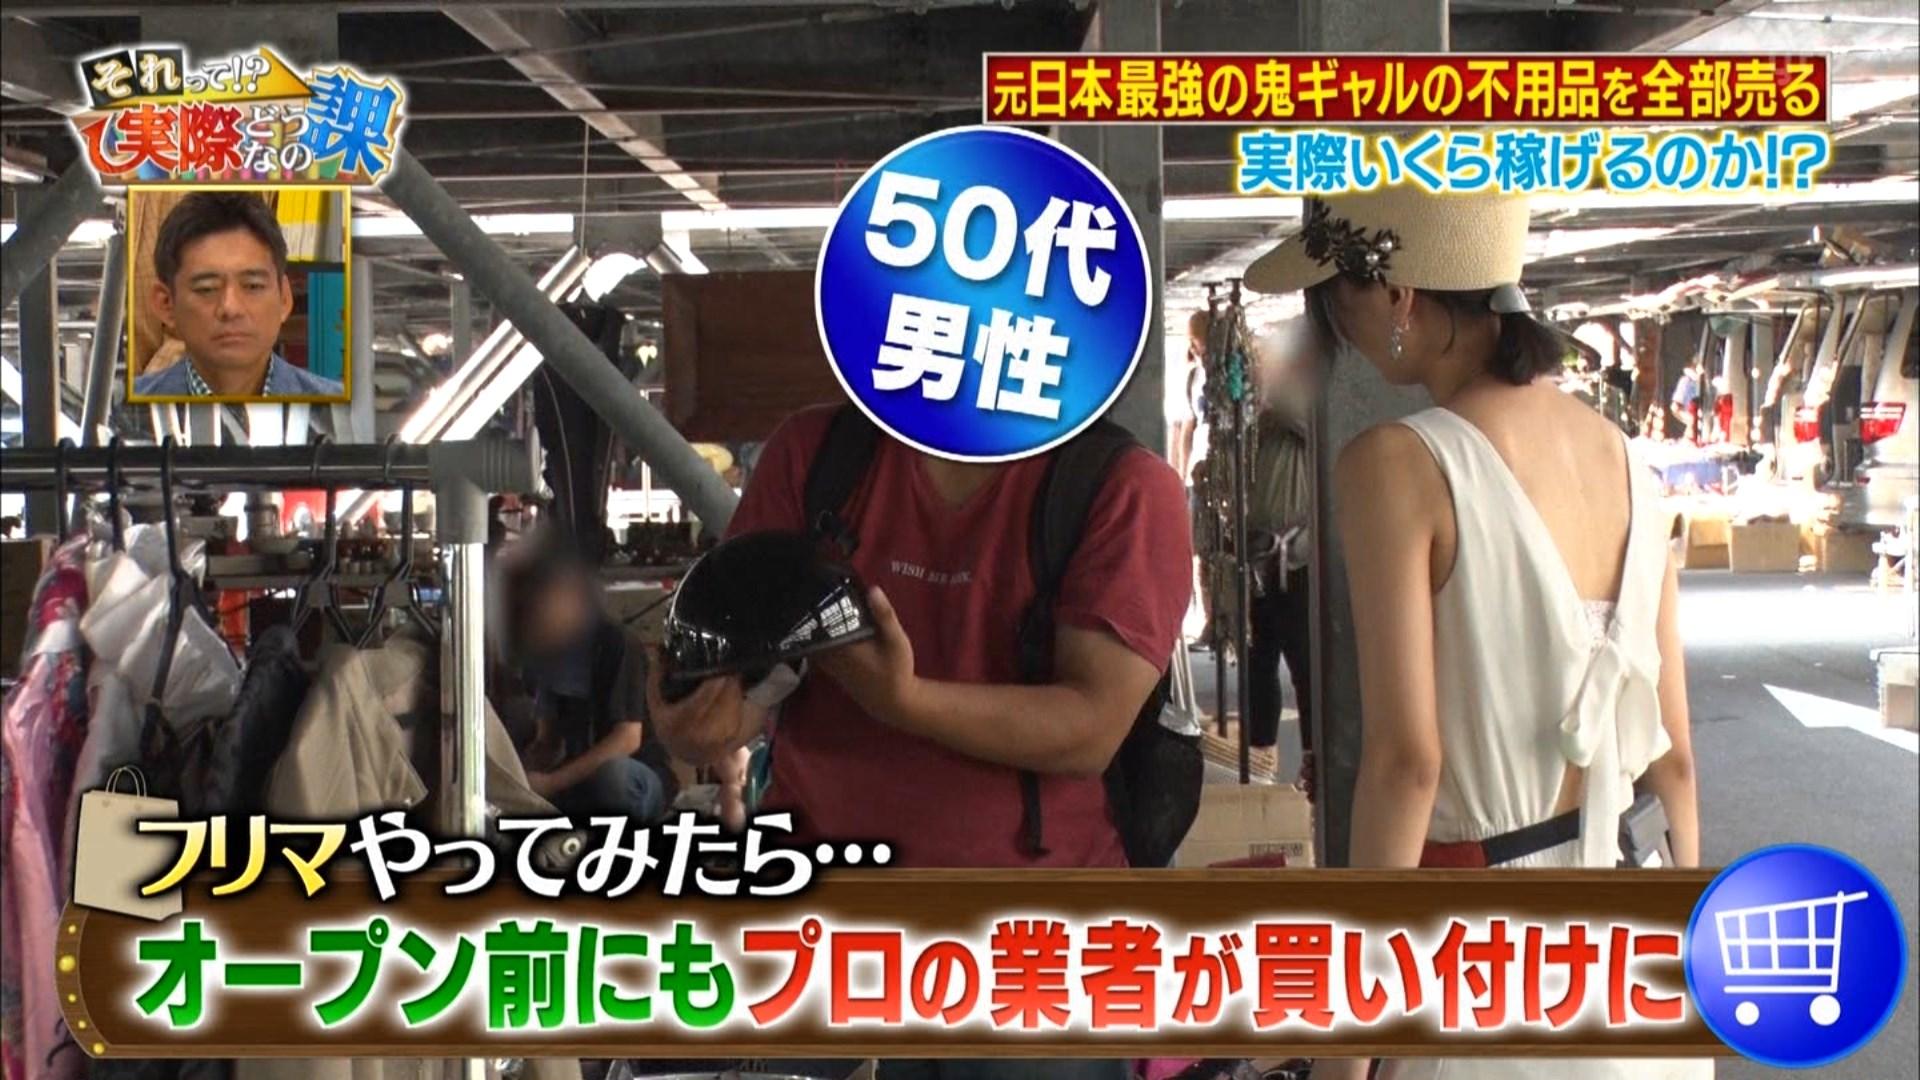 2019年9月11日に放送された「それって!?実際どうなの課」に出演したタレント・緑川静香さんのテレビキャプチャー画像-038